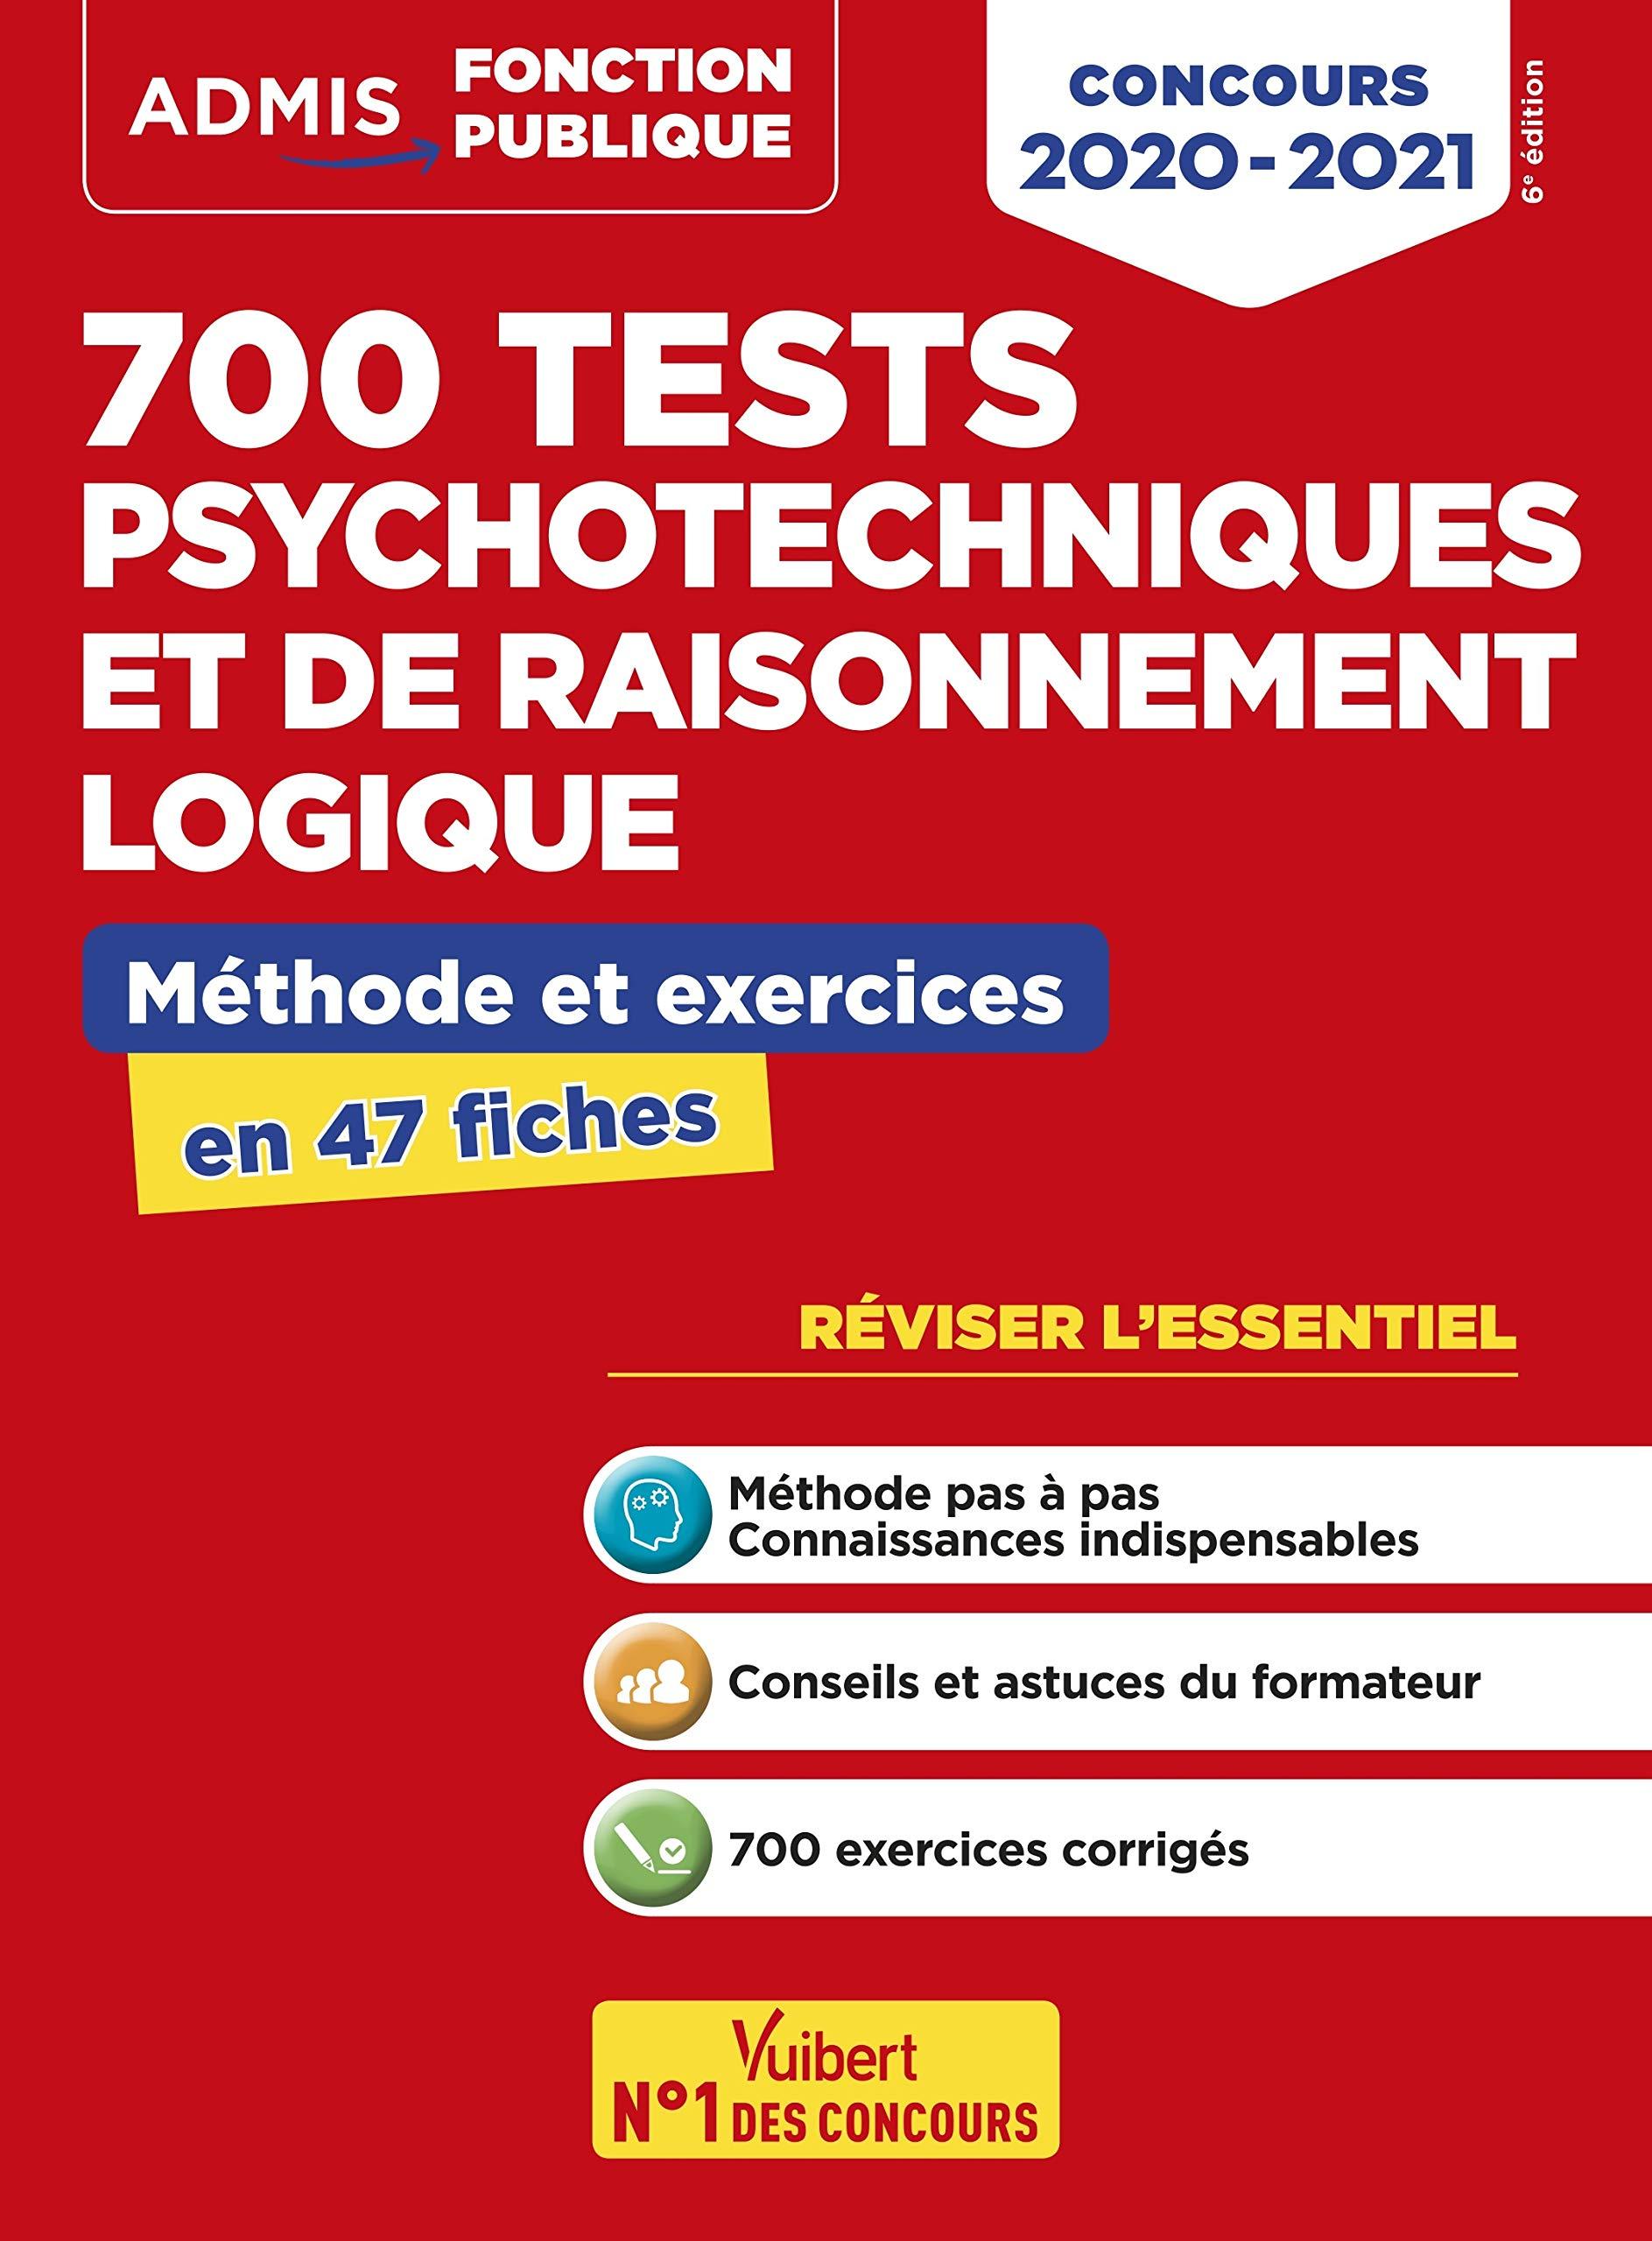 700 tests psychotechniques et de raisonnement logique - Méthode et exercices - L'essentiel en fiches - Concours 2020-2021 par Emmanuel Kerdraon